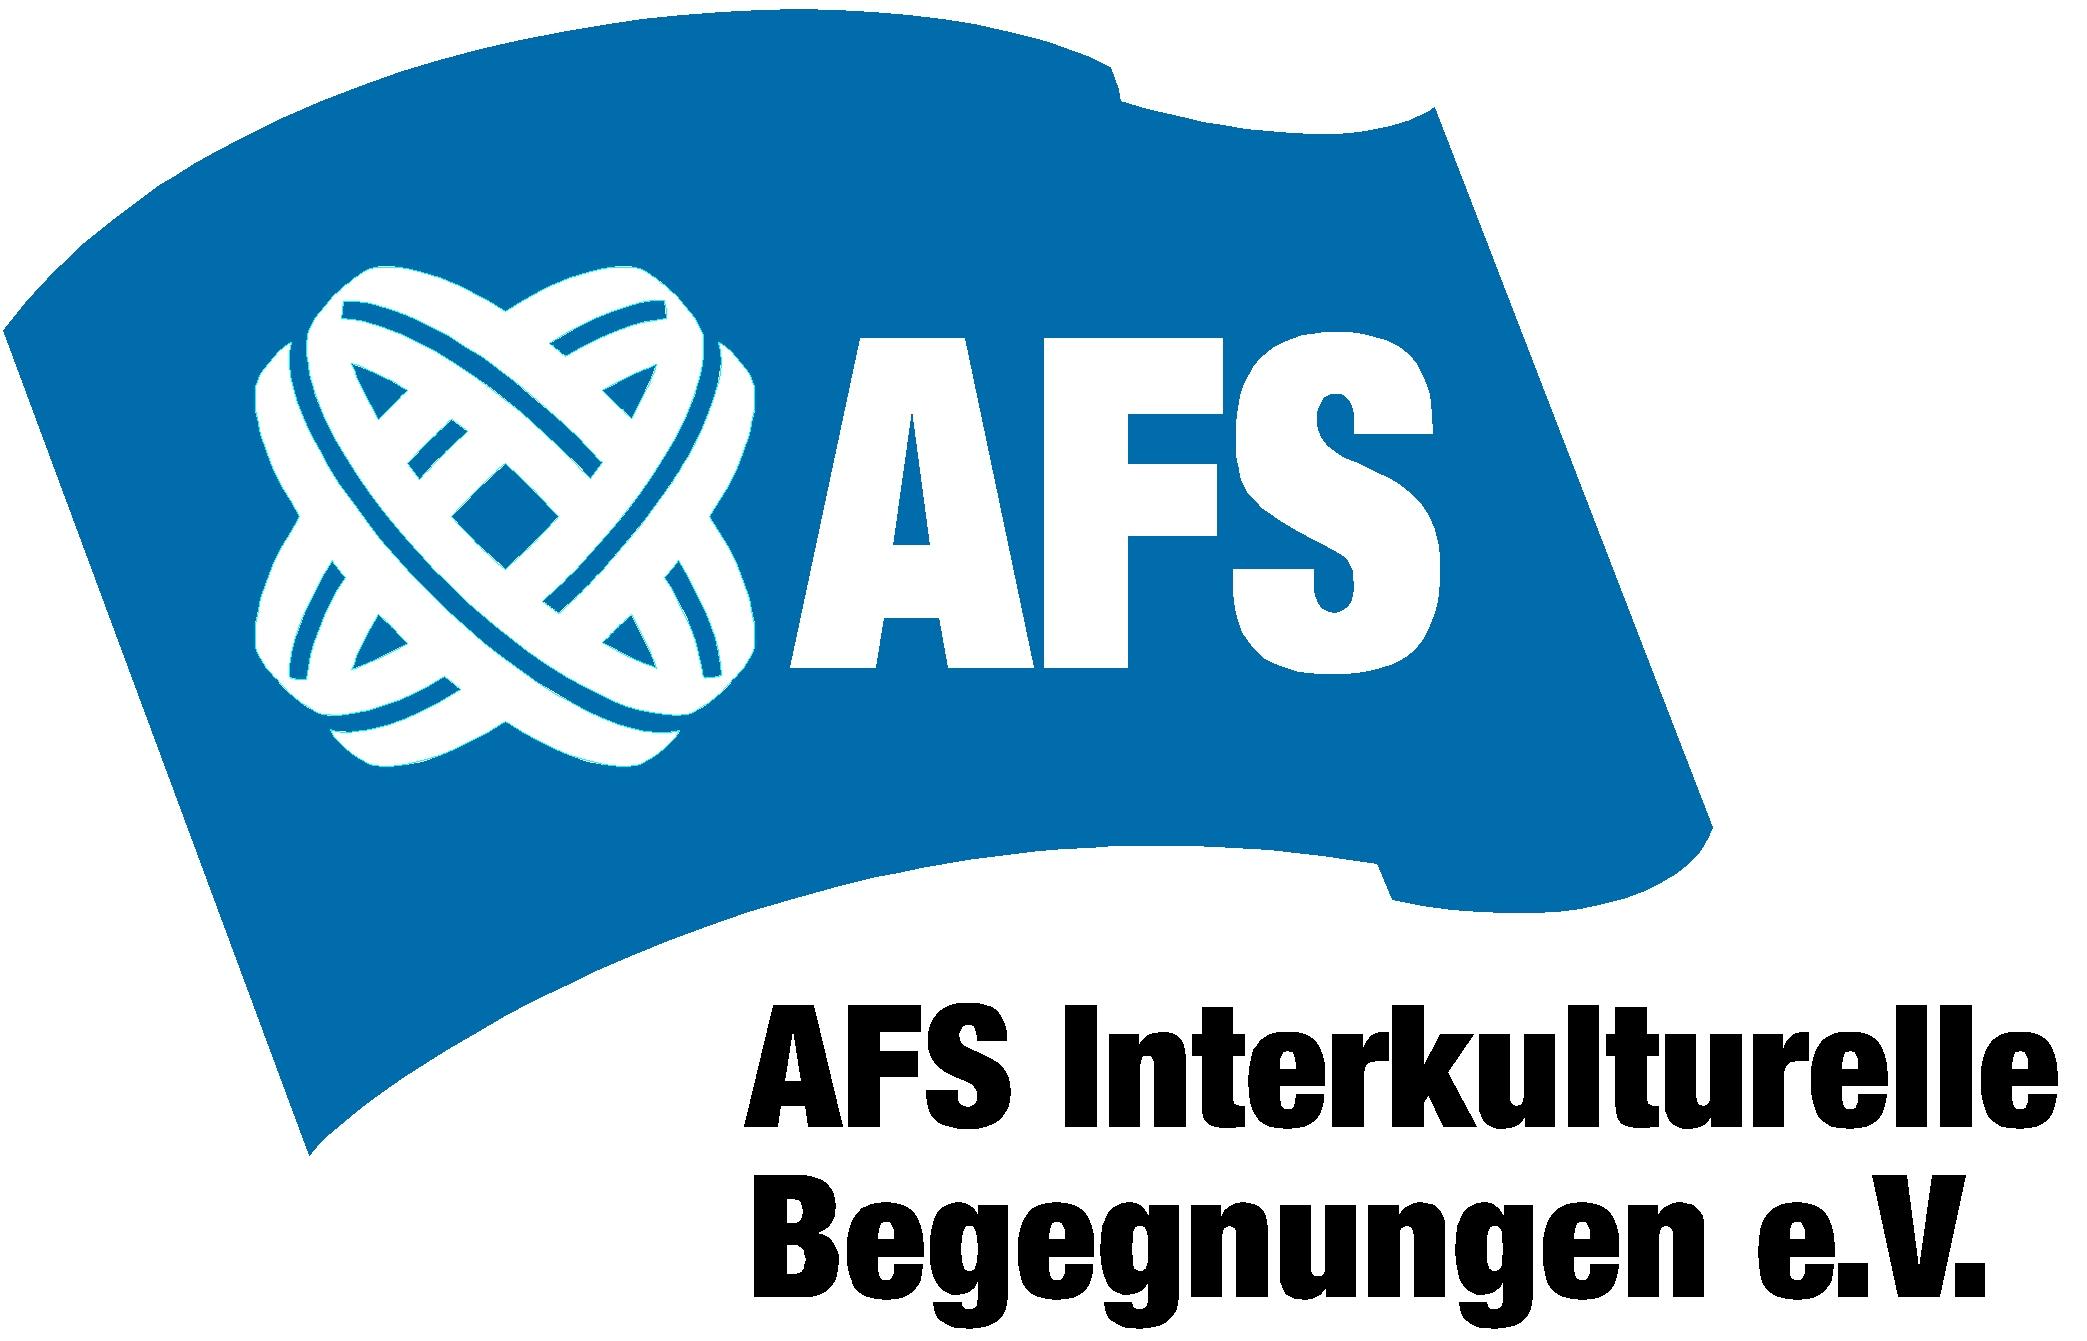 LogoAFS Interkulturelle Begegnungen e. V.